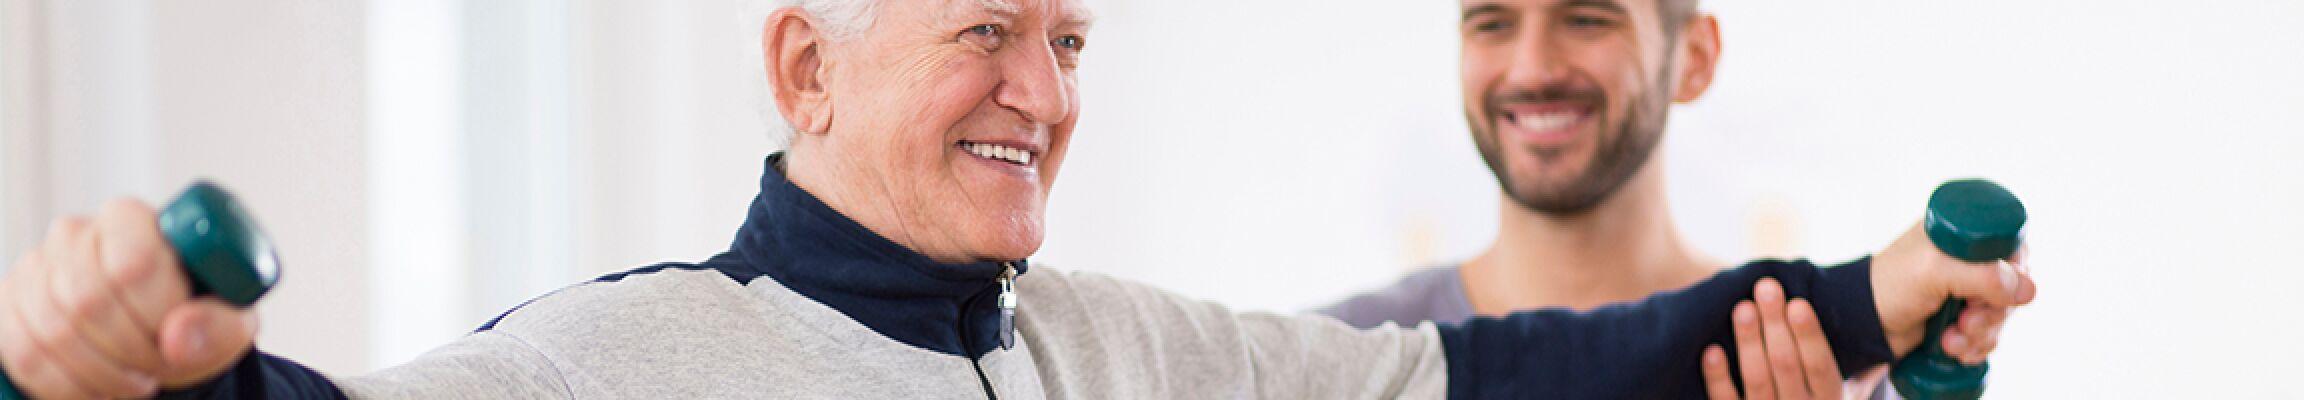 Welche Vorteile hat Krafttraining im Alter?